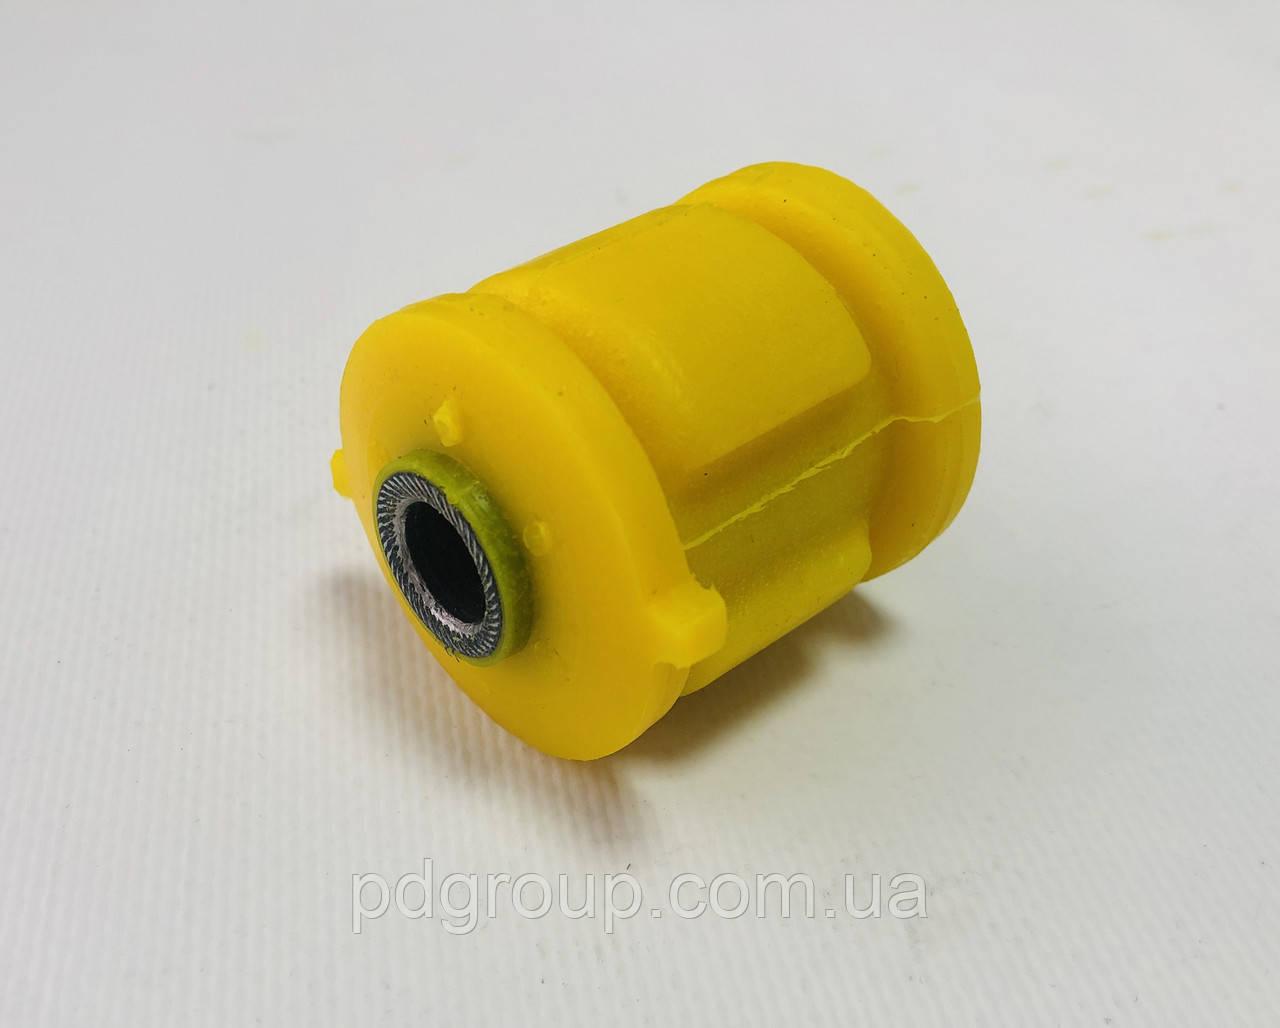 Полиуретановый сайлентблок заднего продольного рычага передний HYUNDAI ACCENT II 2000-2005 ОЕ 55116-25000